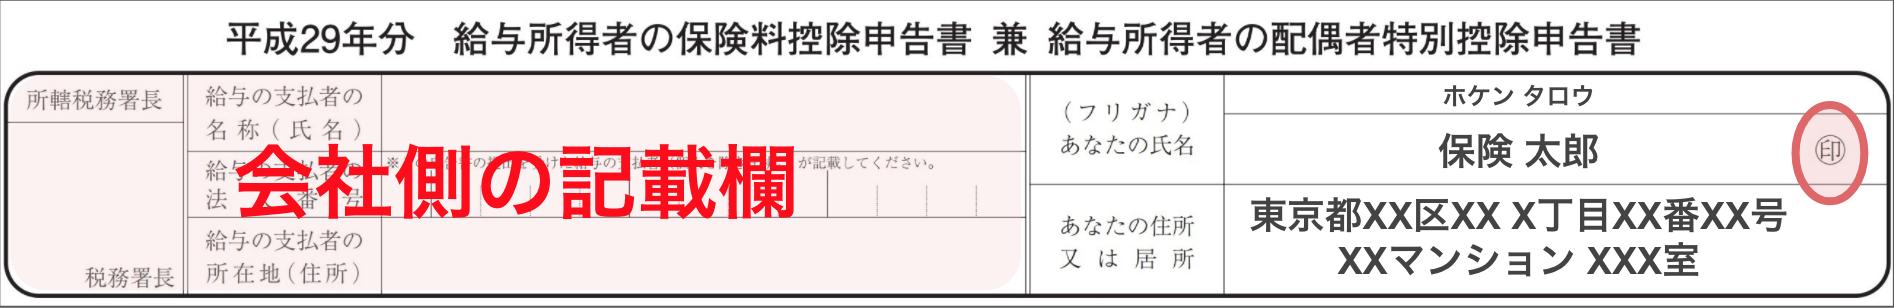 氏名欄【保険料控除の書き方】